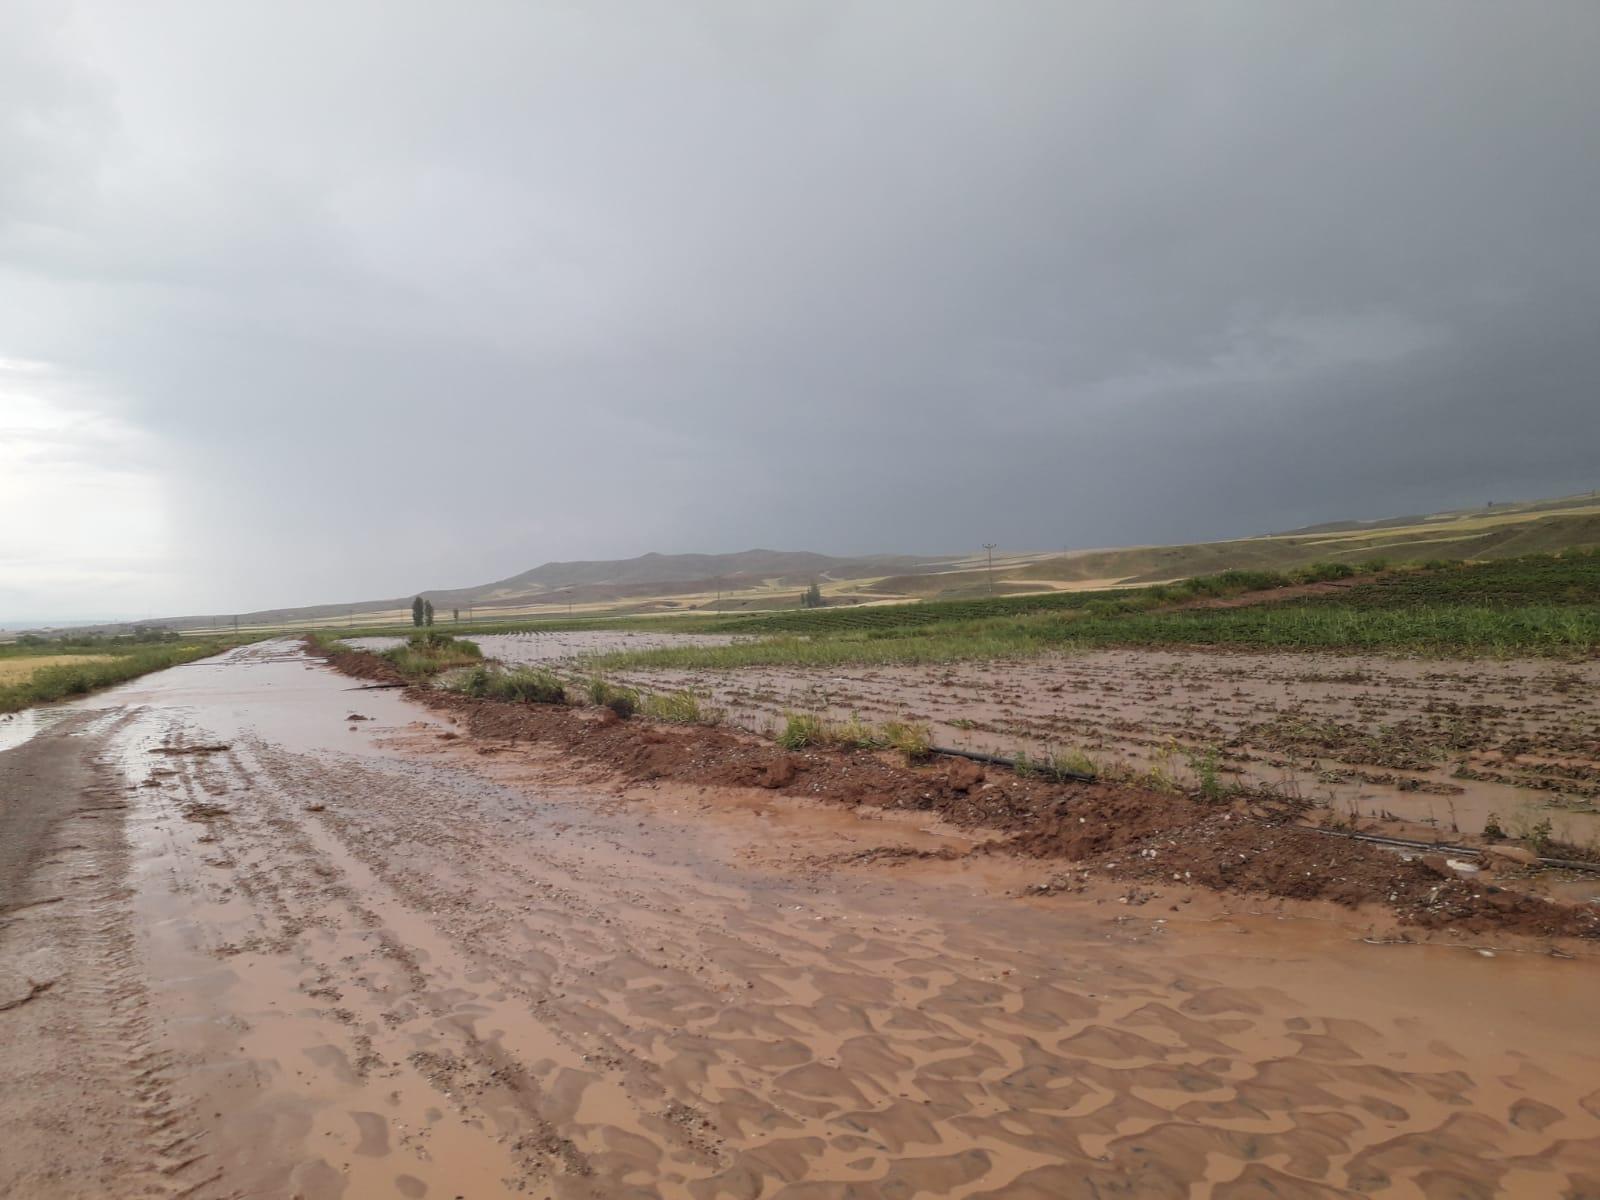 Kayseri'de sağanak: Evleri su bastı, ekili alanlar zarar gördü